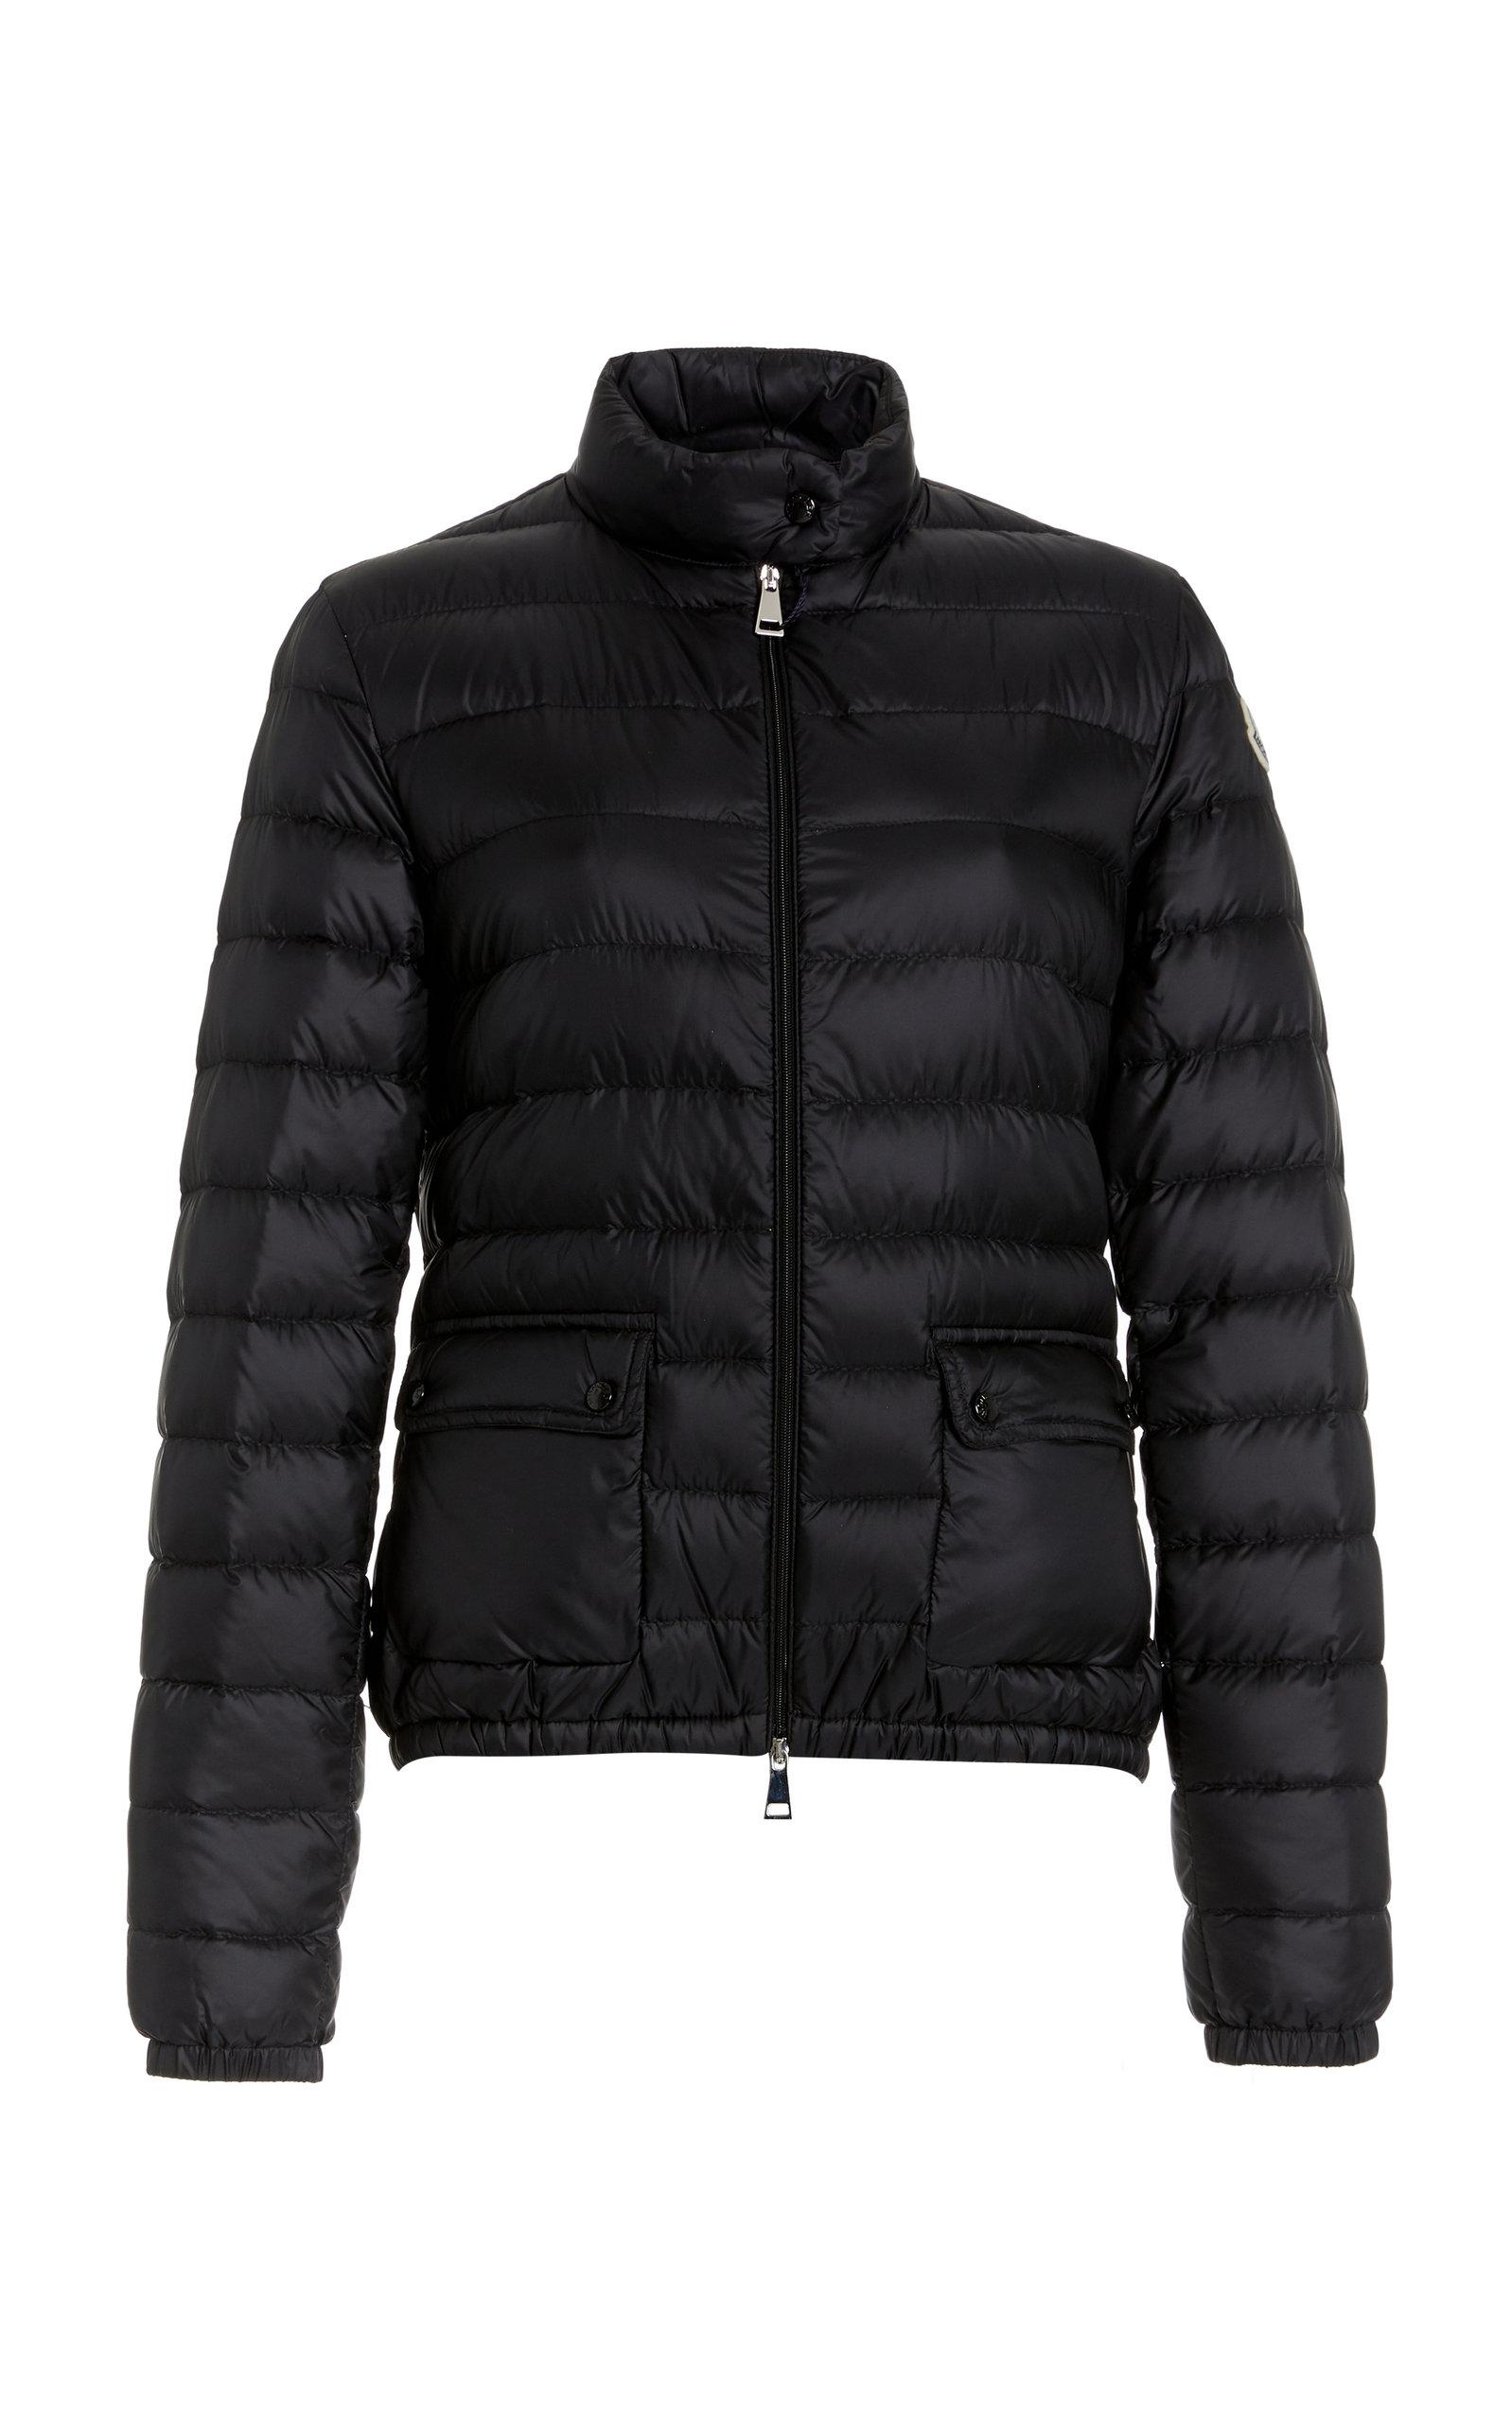 Moncler - Women's Lans Padded Shell Puffer Jacket - Black - Moda Operandi